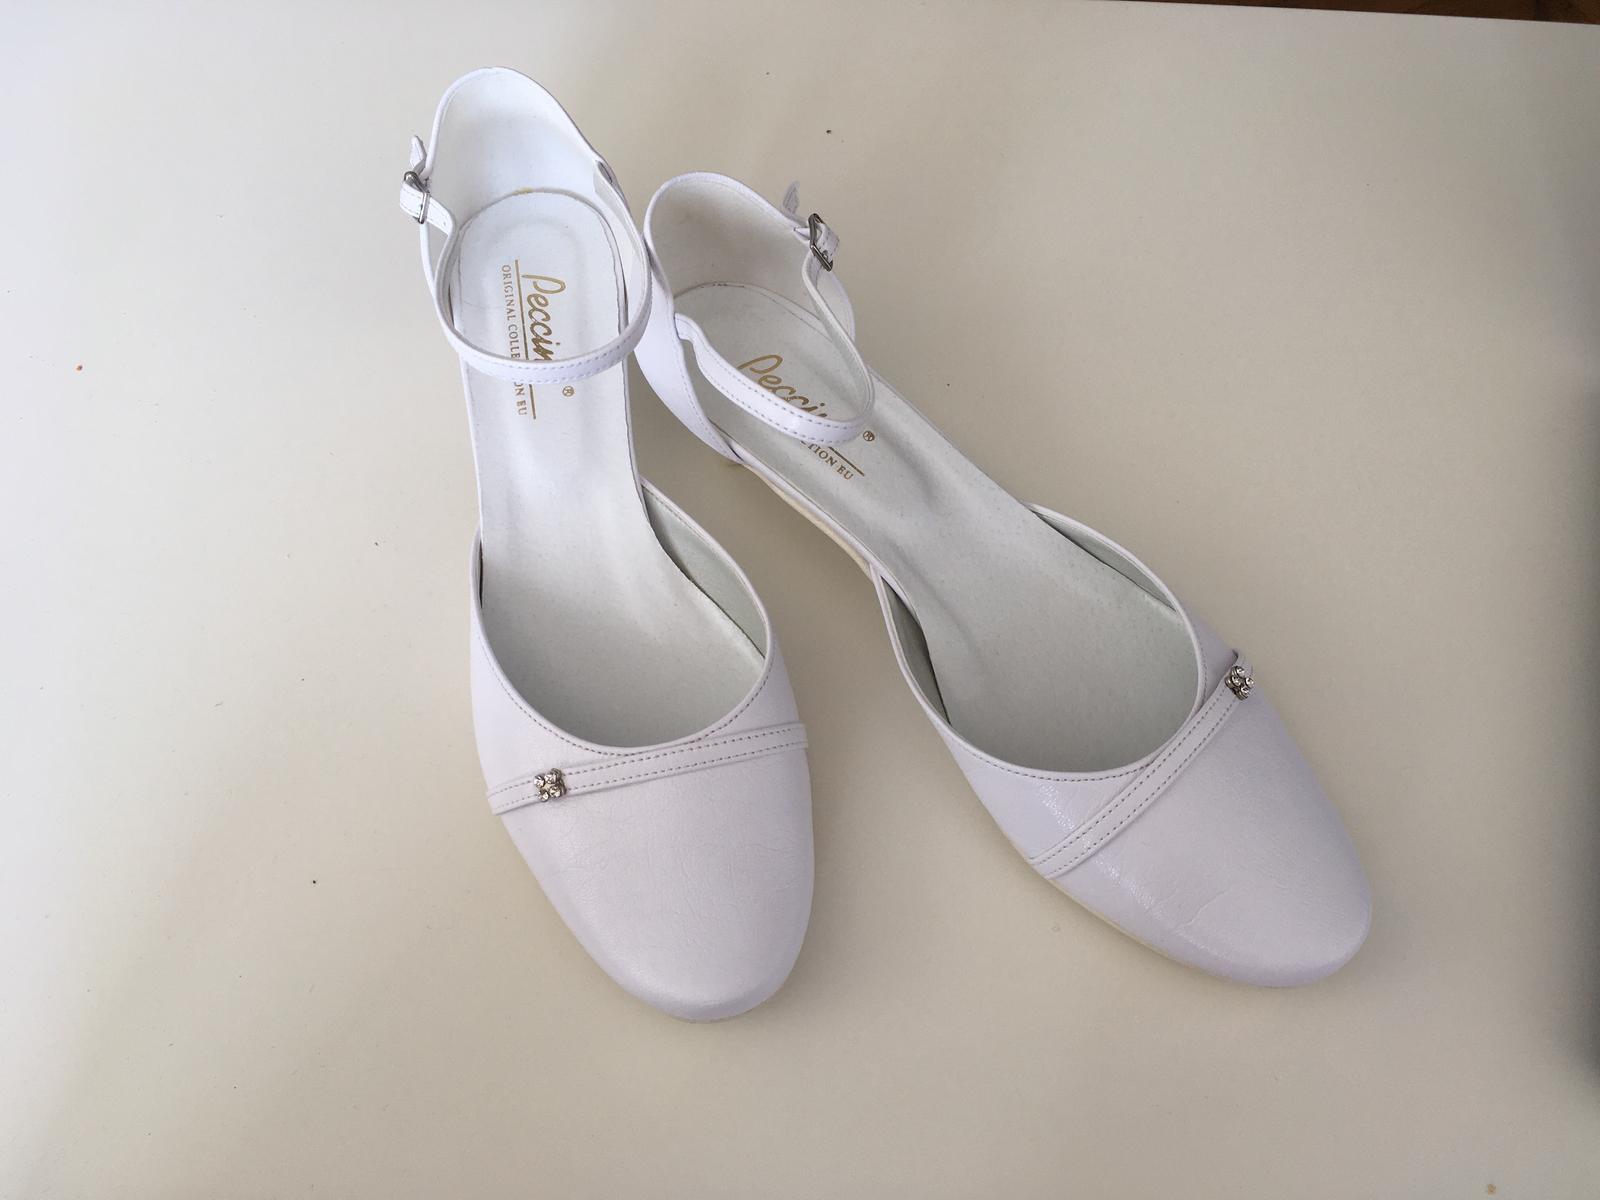 Svatební boty 43 - Obrázek č. 2